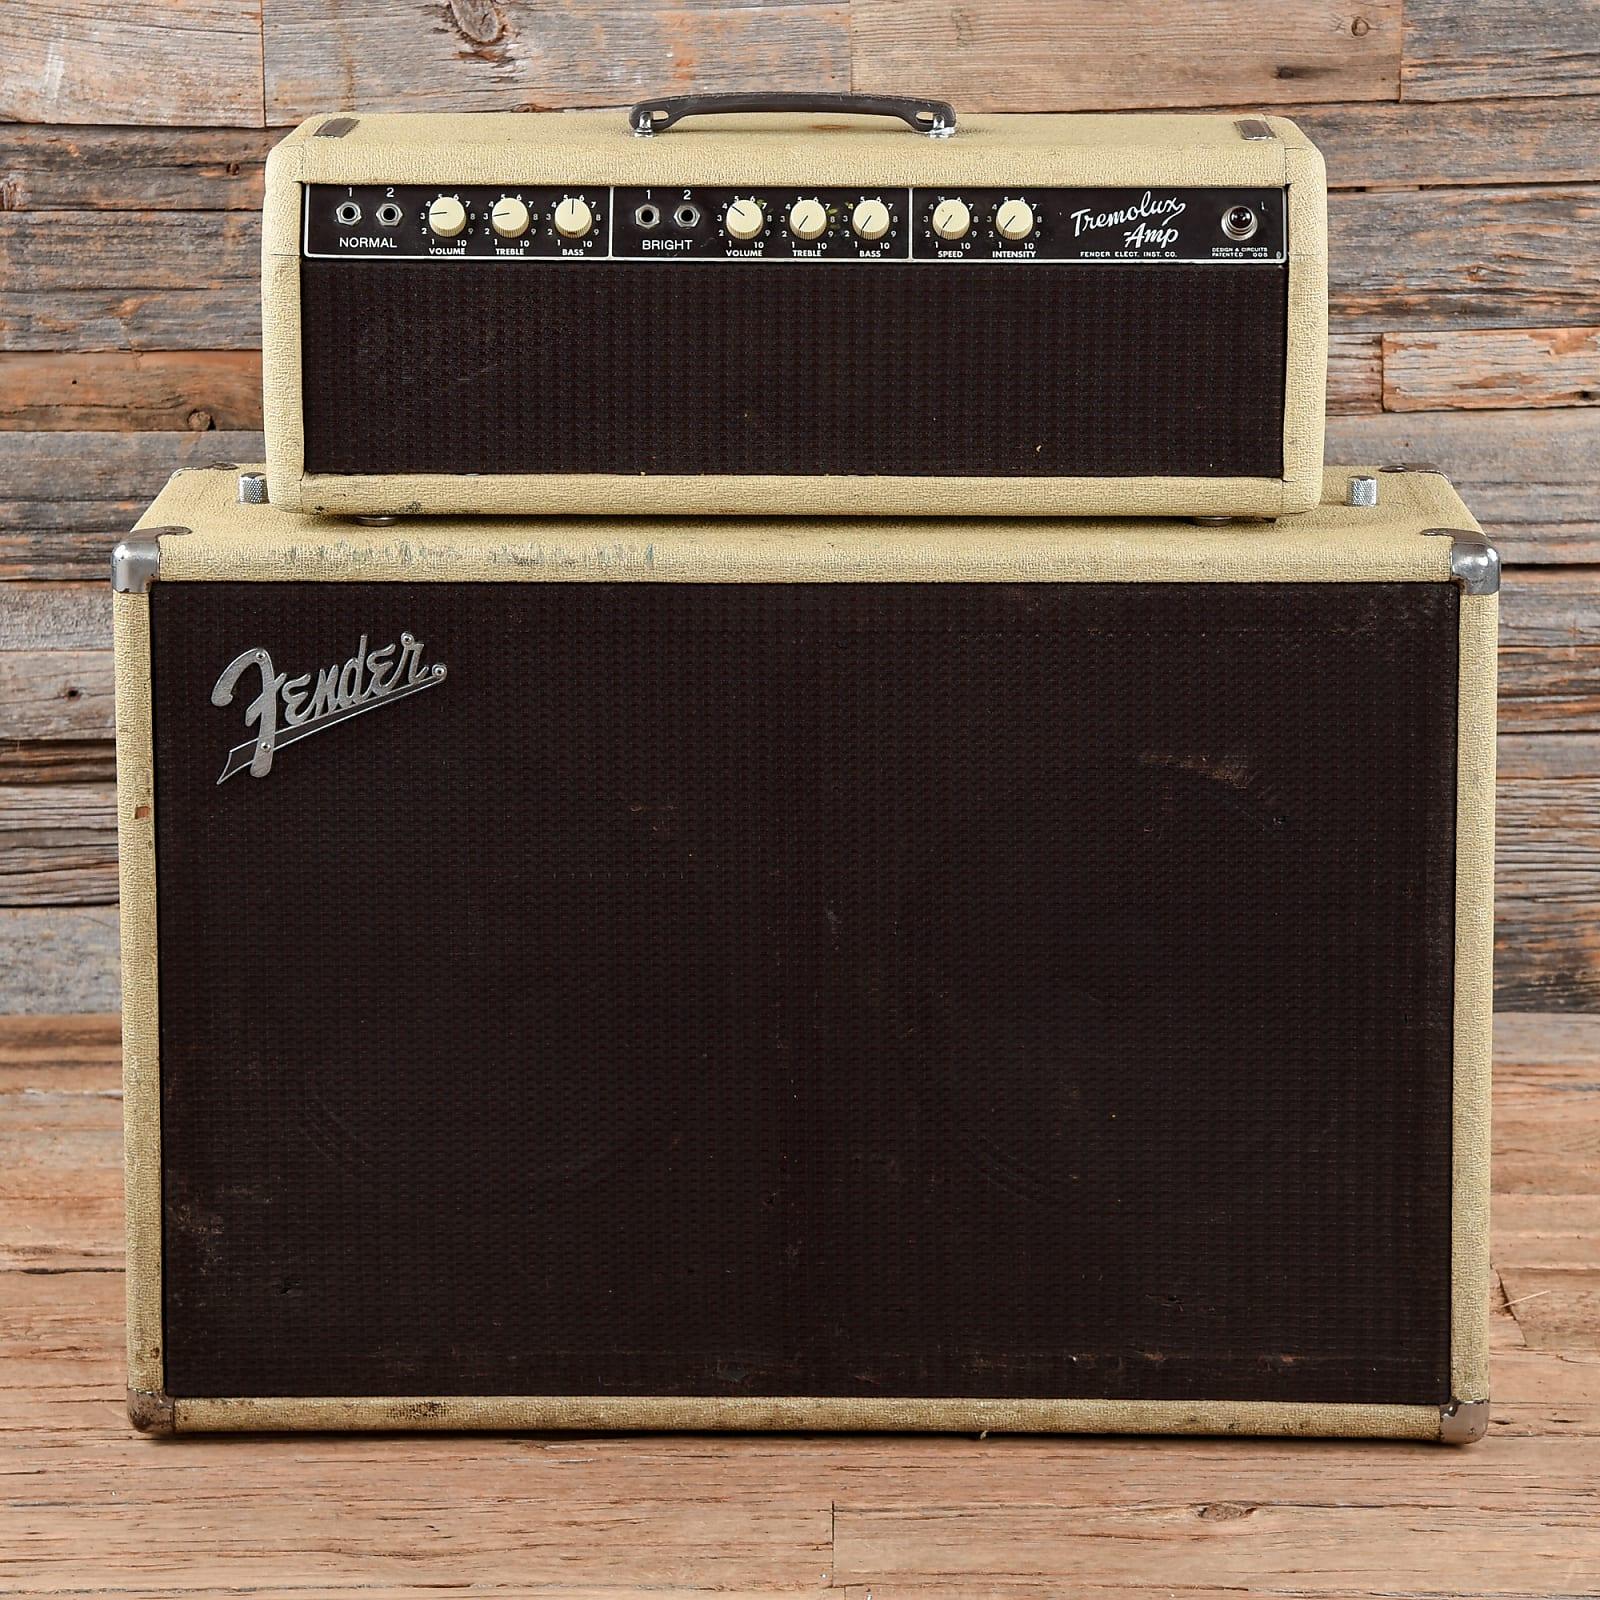 Fender Tremolux-Amp Piggyback  1962